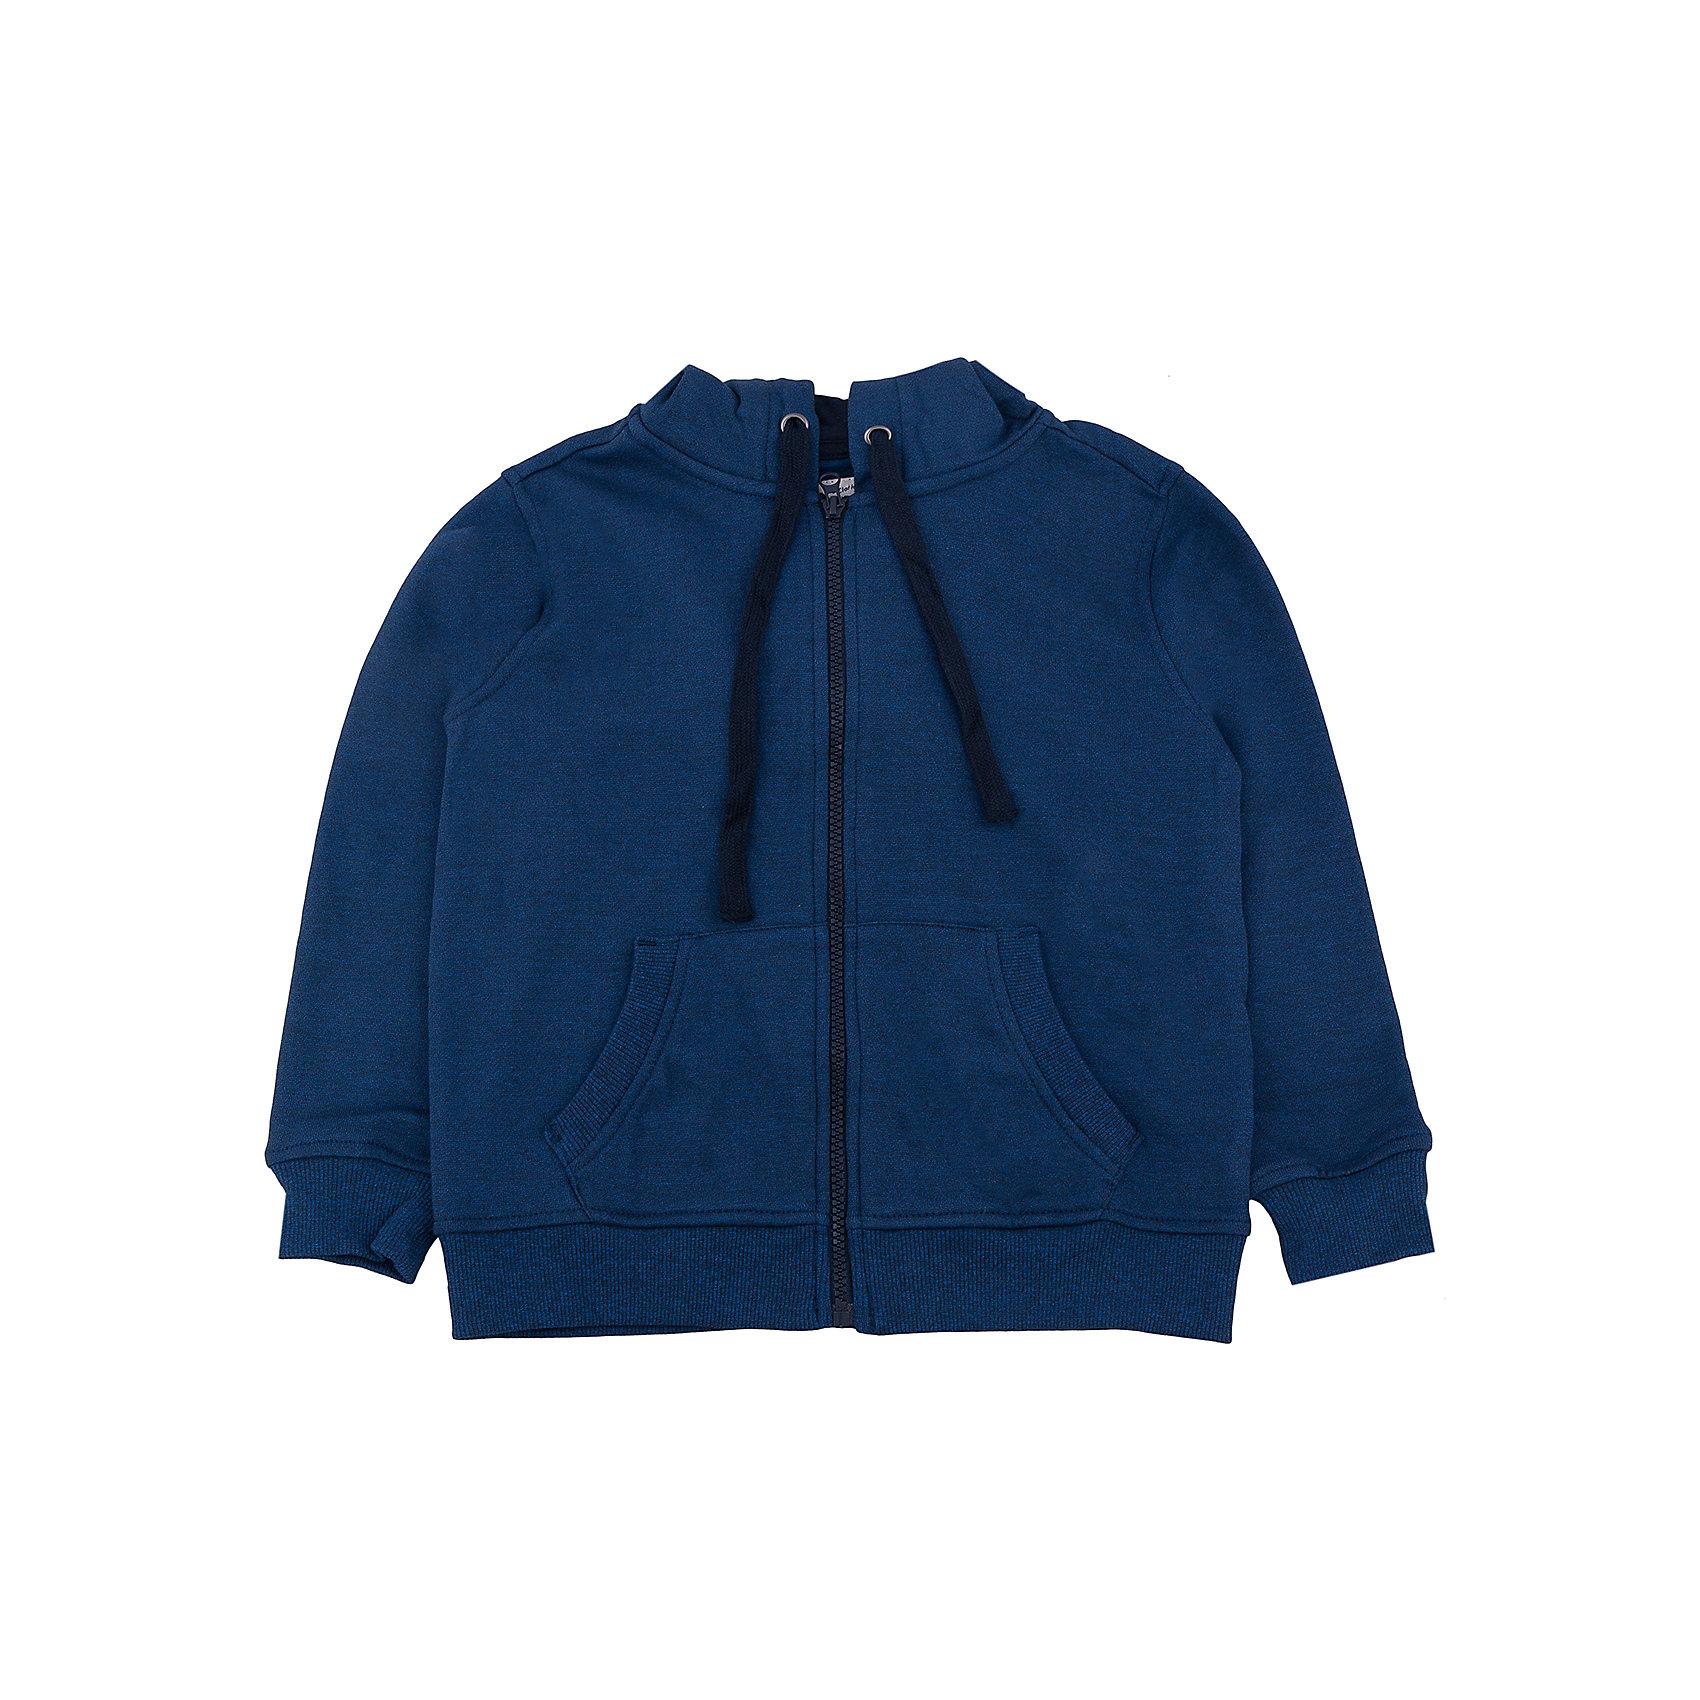 Жакет для мальчика SELAЖакет для мальчика из коллекции осень-зима 2016-2017 от известного бренда SELA. Удобный жакет с капюшоном подойдет для тренировок и просто на каждый день. Приятный синий цвет и лаконичный дизайн придут по вкусу вашему ребенку. Жакет отлично подойдет как к спортивным штанам, так и к джинсам.<br><br>Дополнительная информация:<br>- Рукав: длинный<br>- Силуэт: свободный<br>- Капюшон: обычный<br>Состав: 60% хлопок, 40% ПЭ<br><br>Жакет для мальчиков Sela можно купить в нашем интернет-магазине.<br><br>Подробнее:<br>• Для детей в возрасте: от 6 до 12 лет<br>• Номер товара: 4913405<br>Страна производитель: Китай<br><br>Ширина мм: 190<br>Глубина мм: 74<br>Высота мм: 229<br>Вес г: 236<br>Цвет: синий<br>Возраст от месяцев: 60<br>Возраст до месяцев: 72<br>Пол: Мужской<br>Возраст: Детский<br>Размер: 116,122,152,146,128,140,134<br>SKU: 4913404